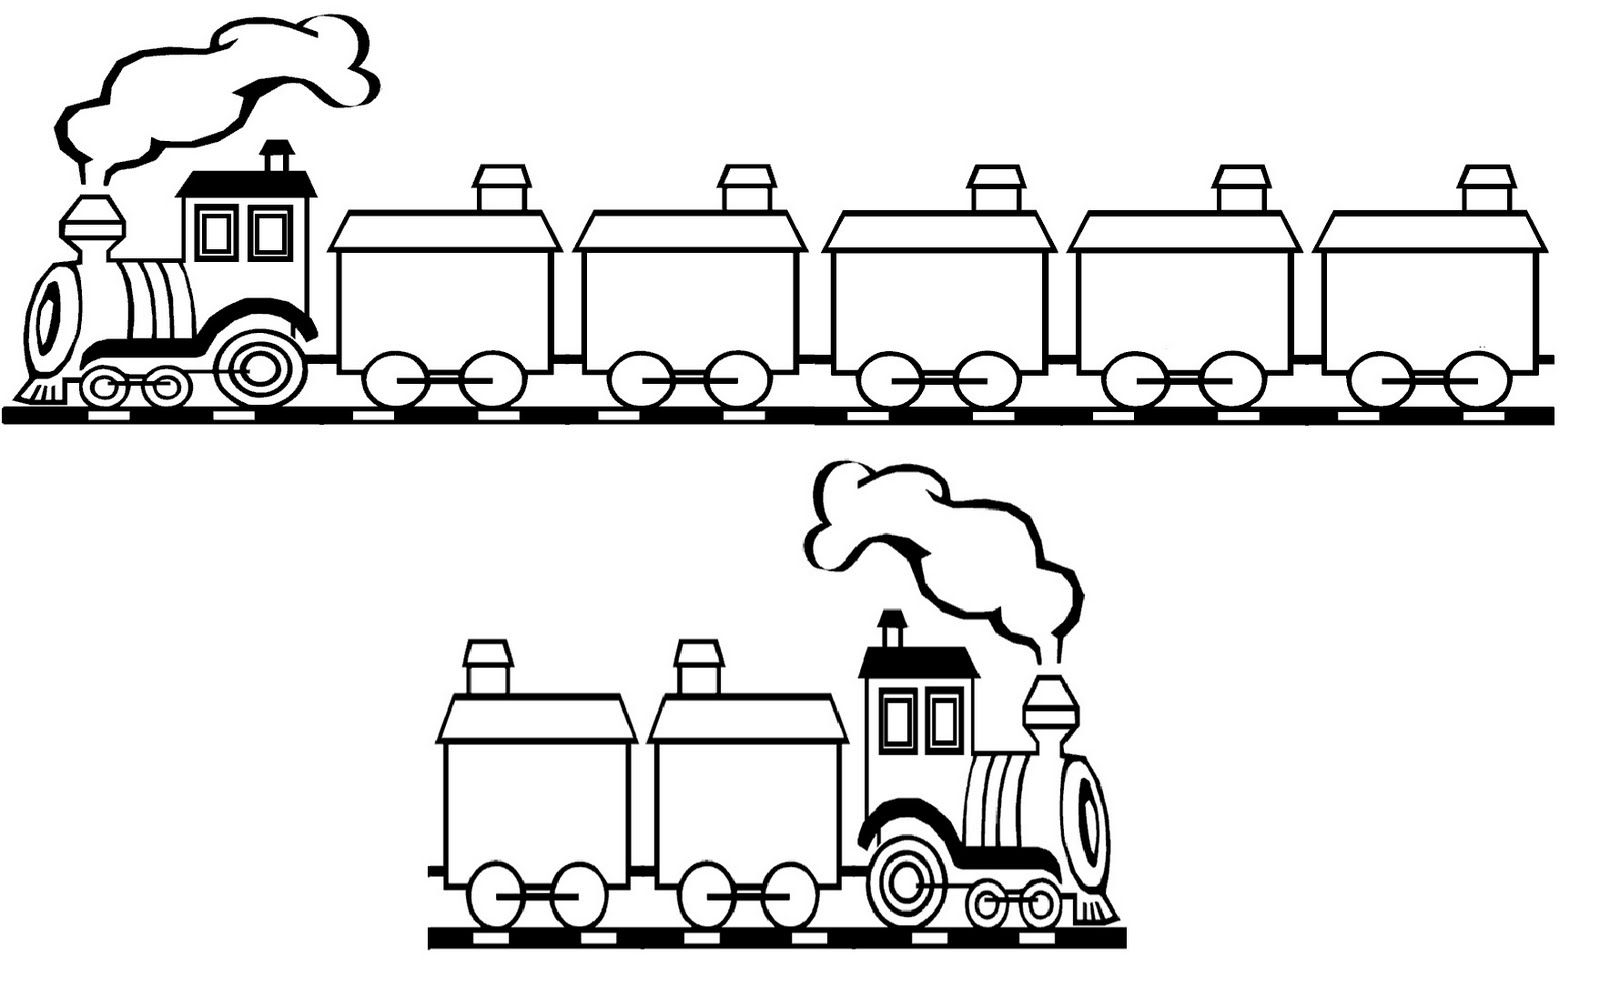 Pin de Angelica Tilly en fichas | Pinterest | Tren y Infantiles